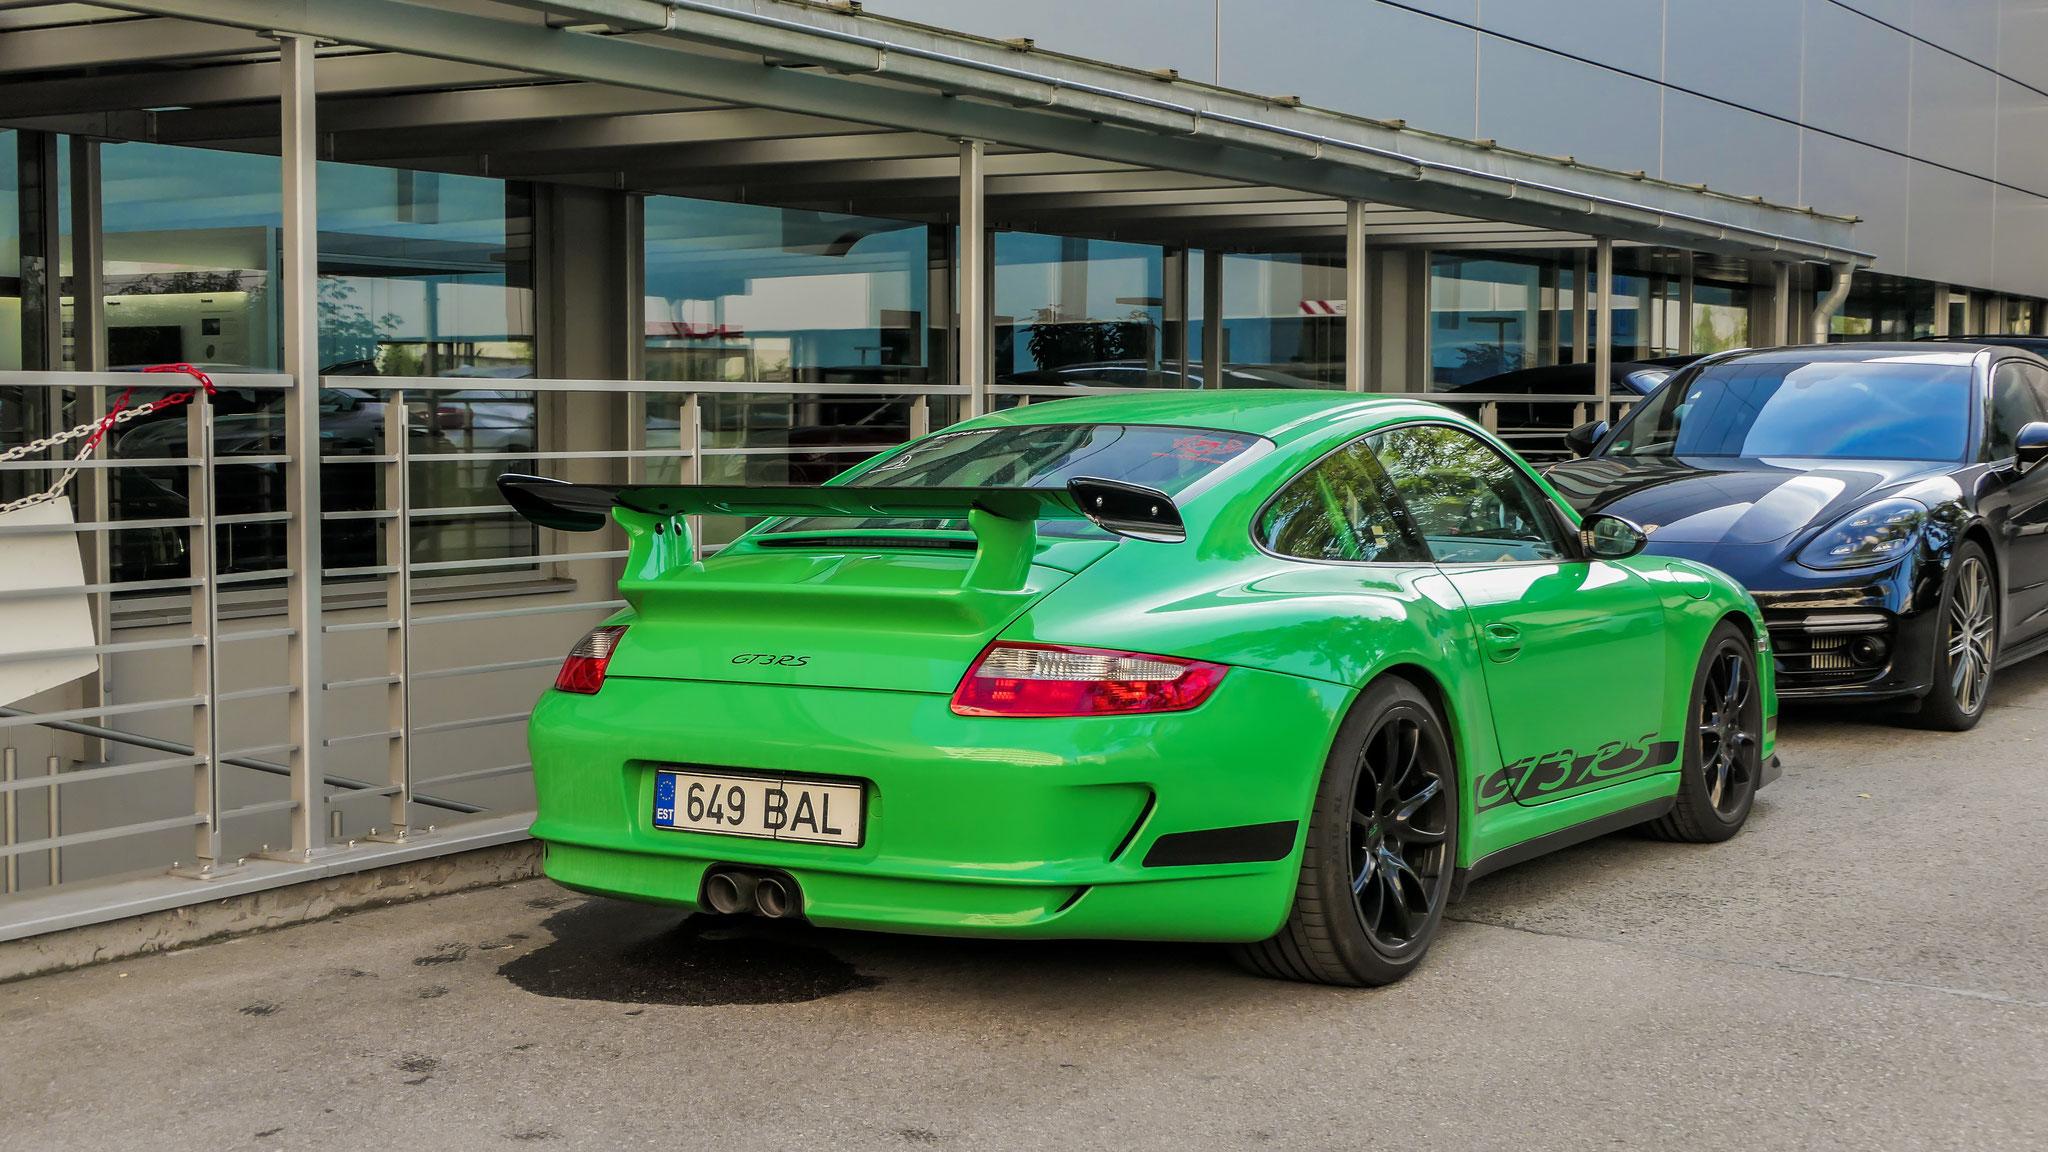 Porsche 997 GT3 RS - 649-BAL (EST)